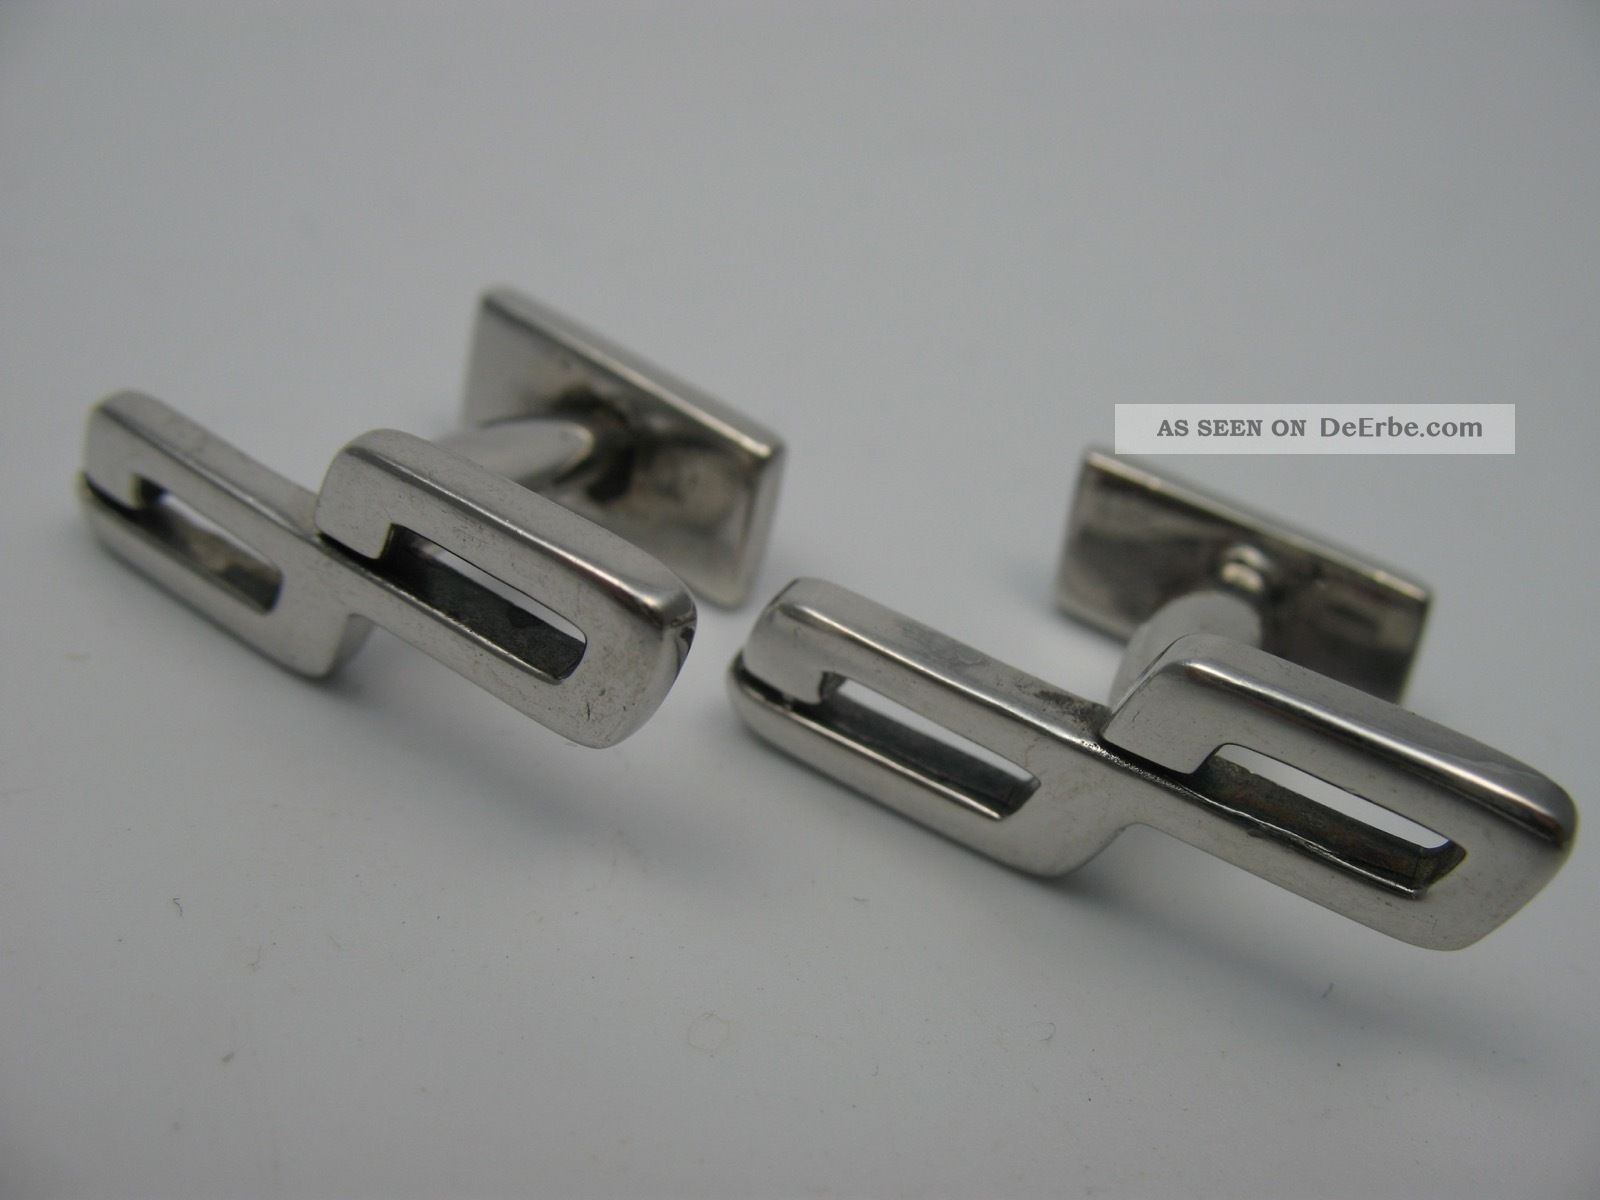 Boundless Ausgefallene Designer Manschettenknöpfe Aus 925 Sterling Silber Schmuck & Accessoires Bild